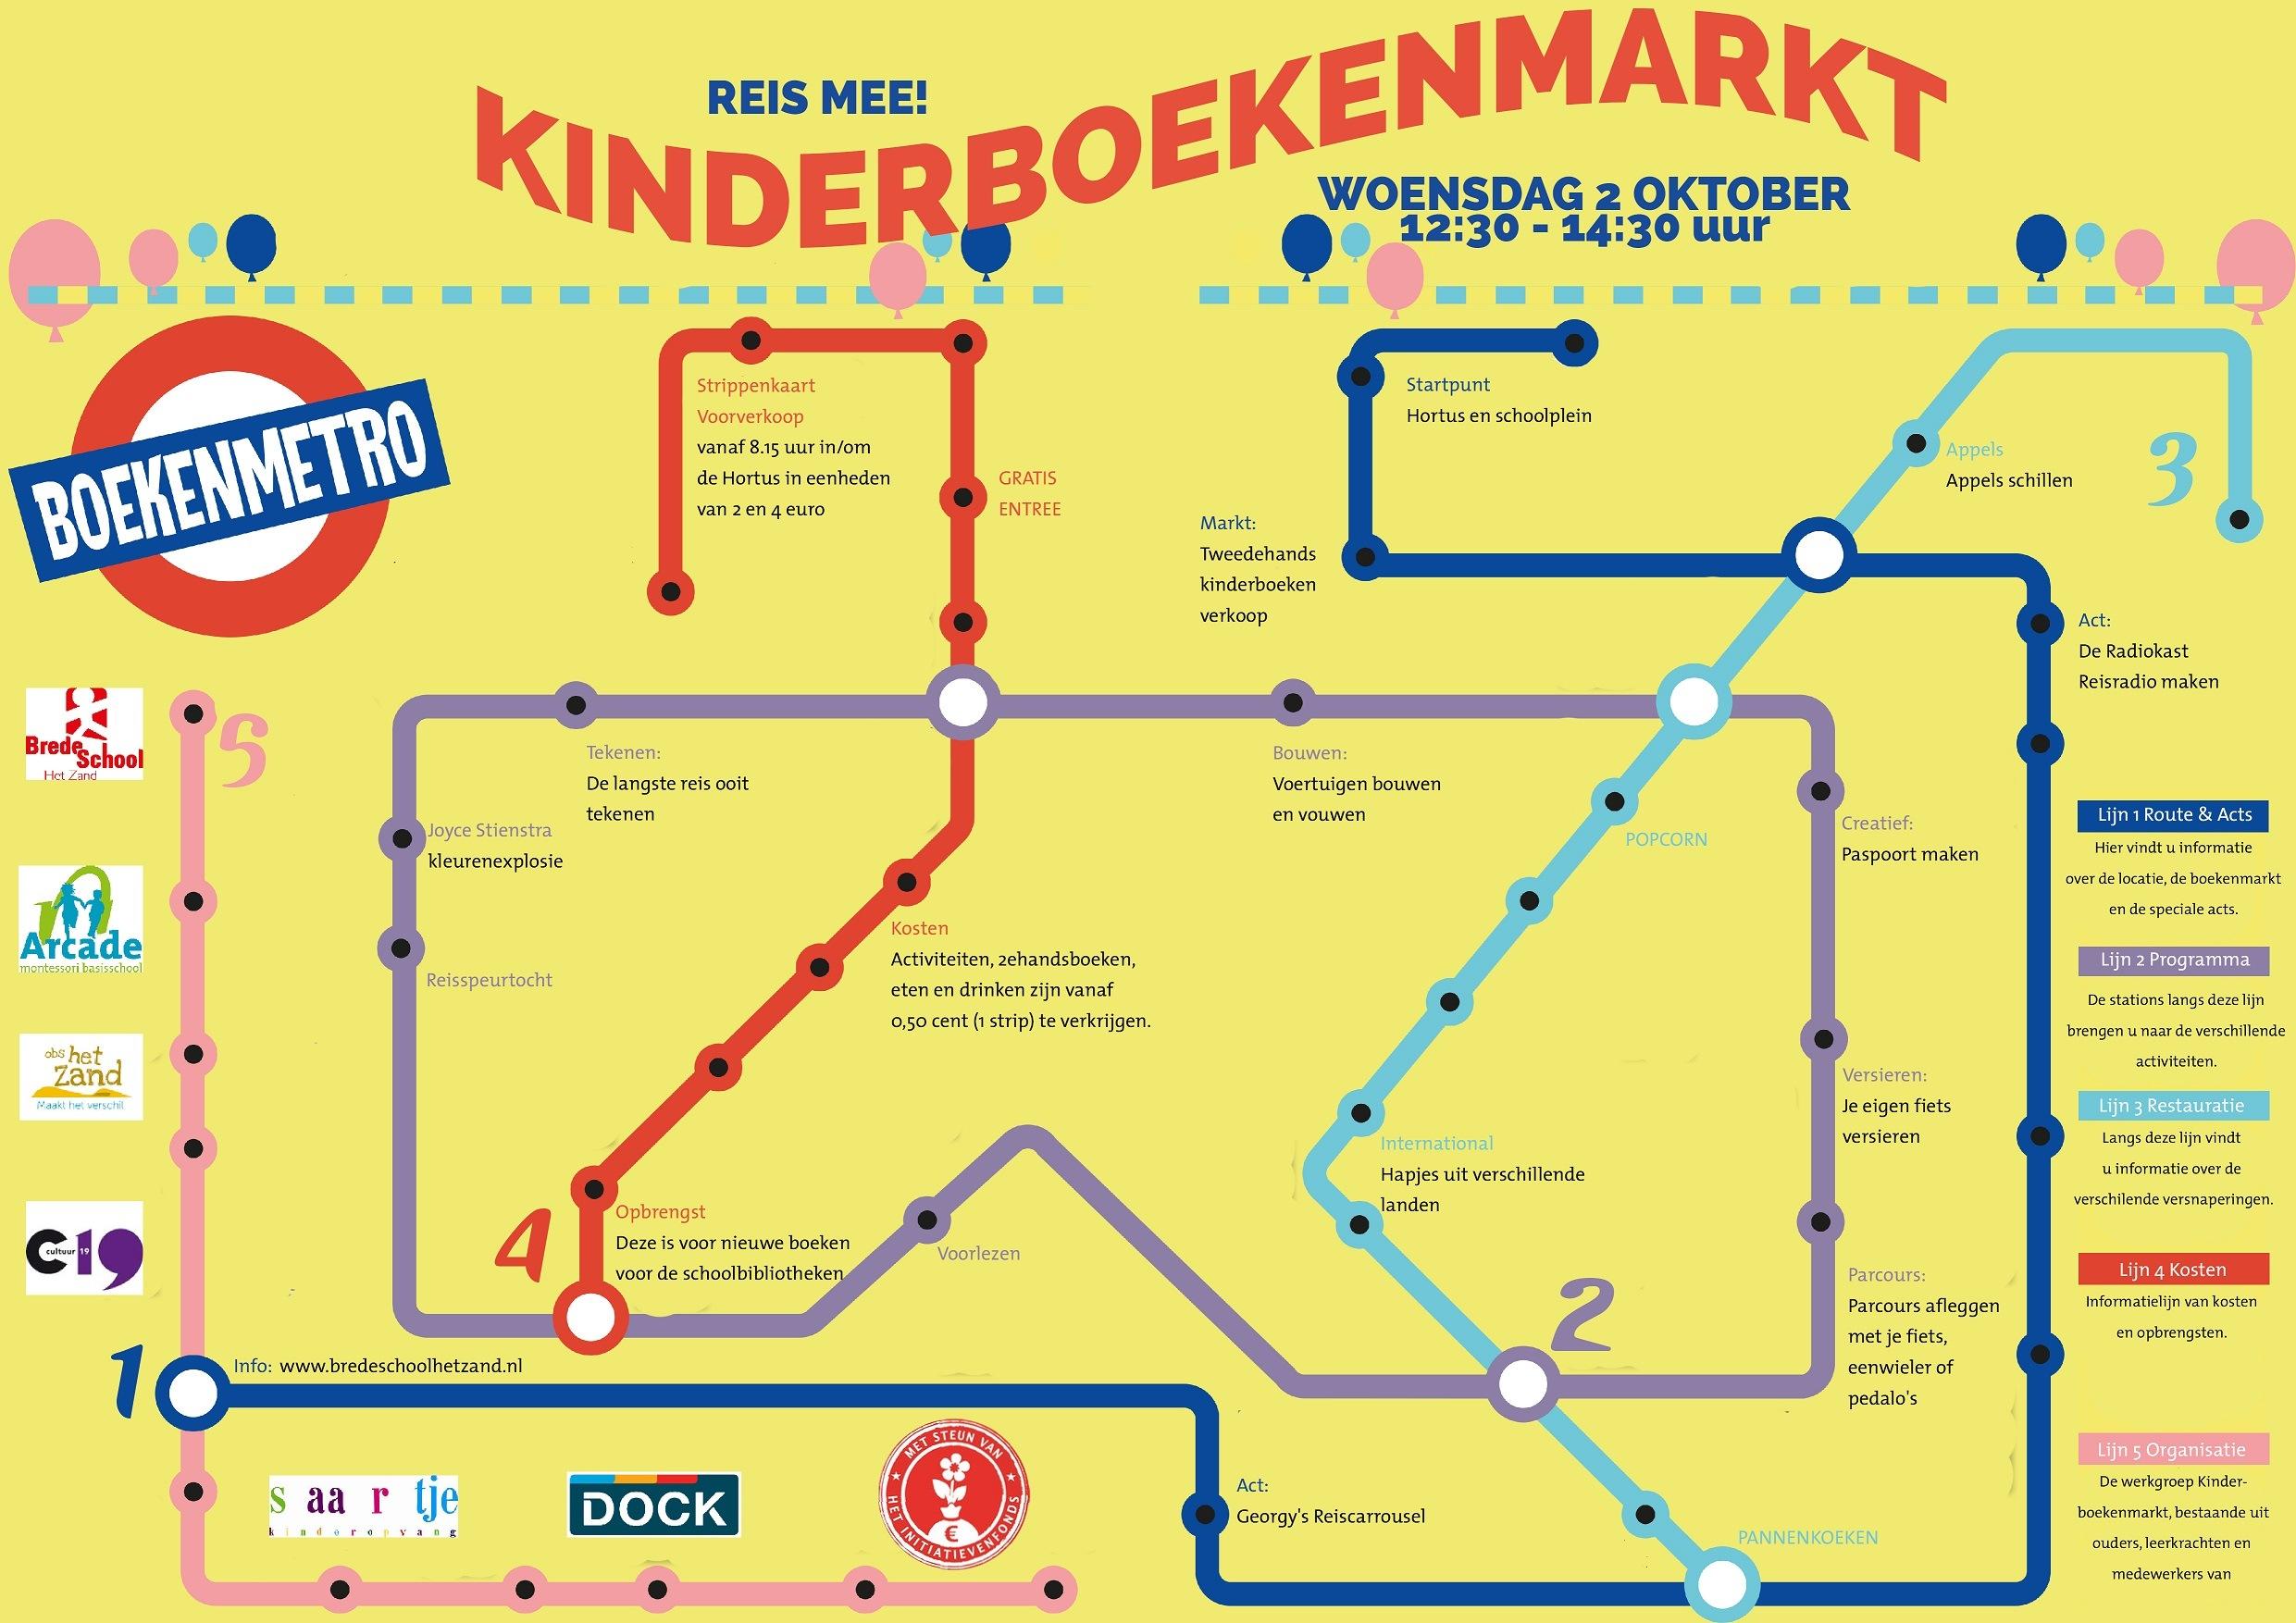 Kinderboekenmarkt BSHZ 2 oktober 2019